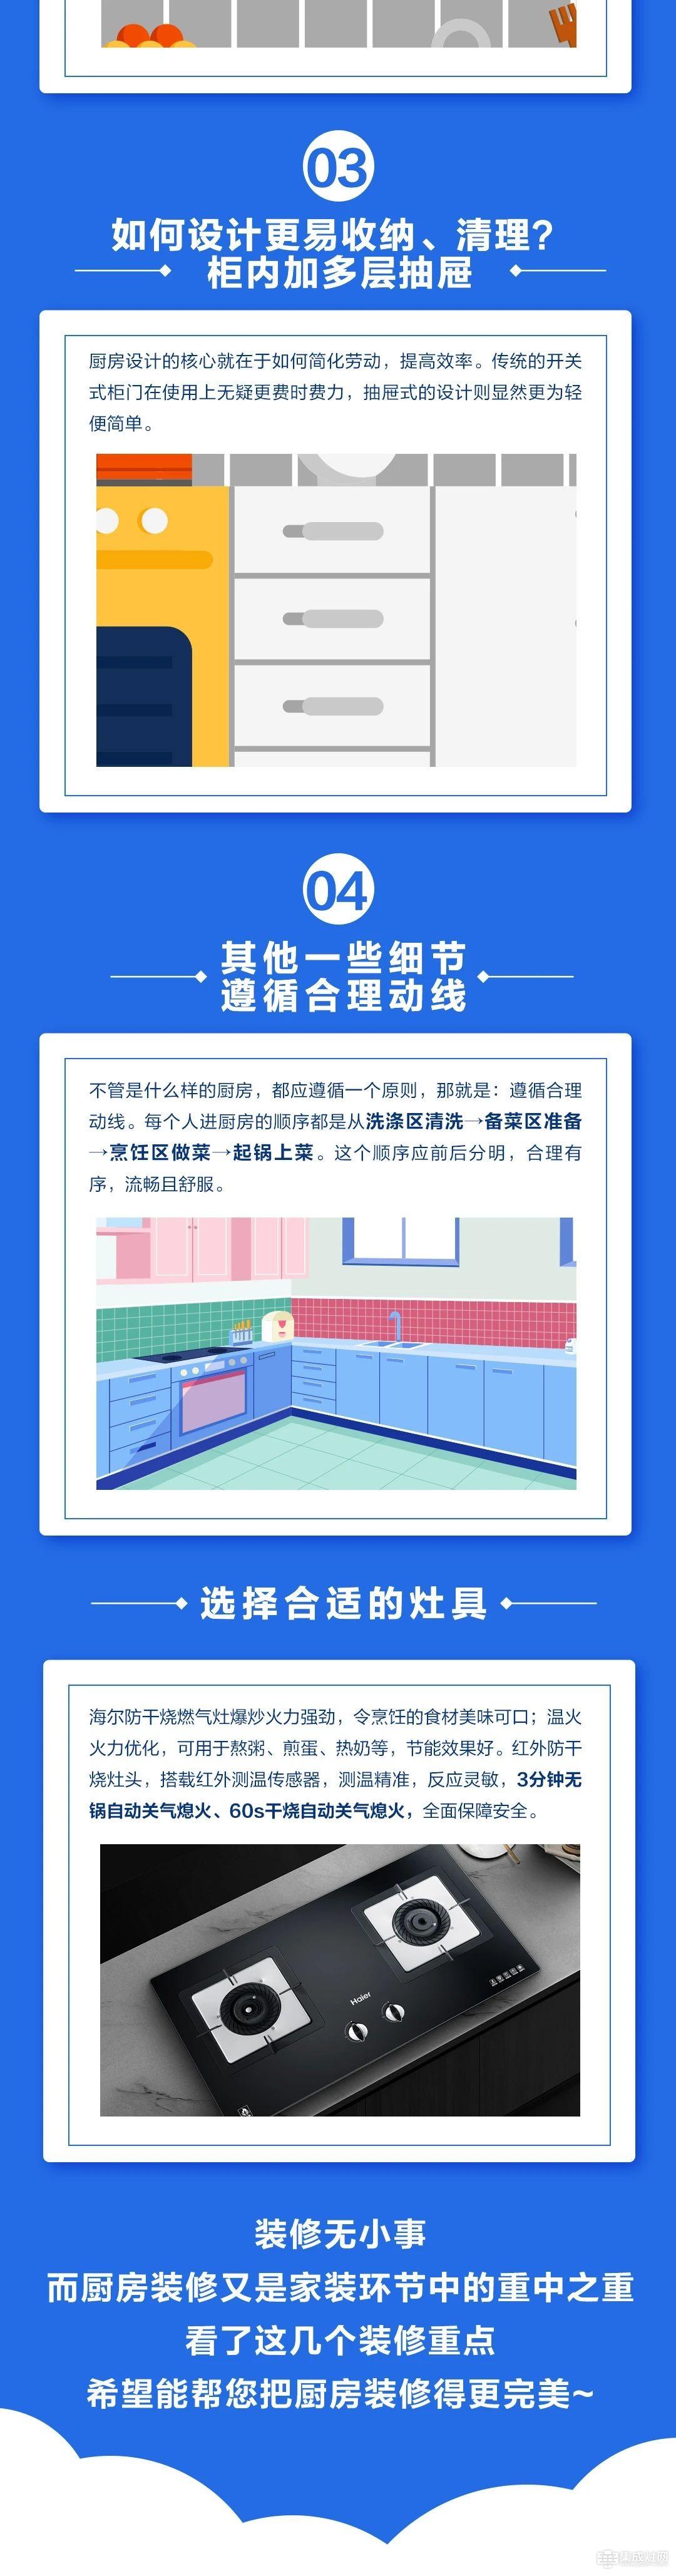 海尔厨电:关于厨房装修的注意事项 你了解多少呢